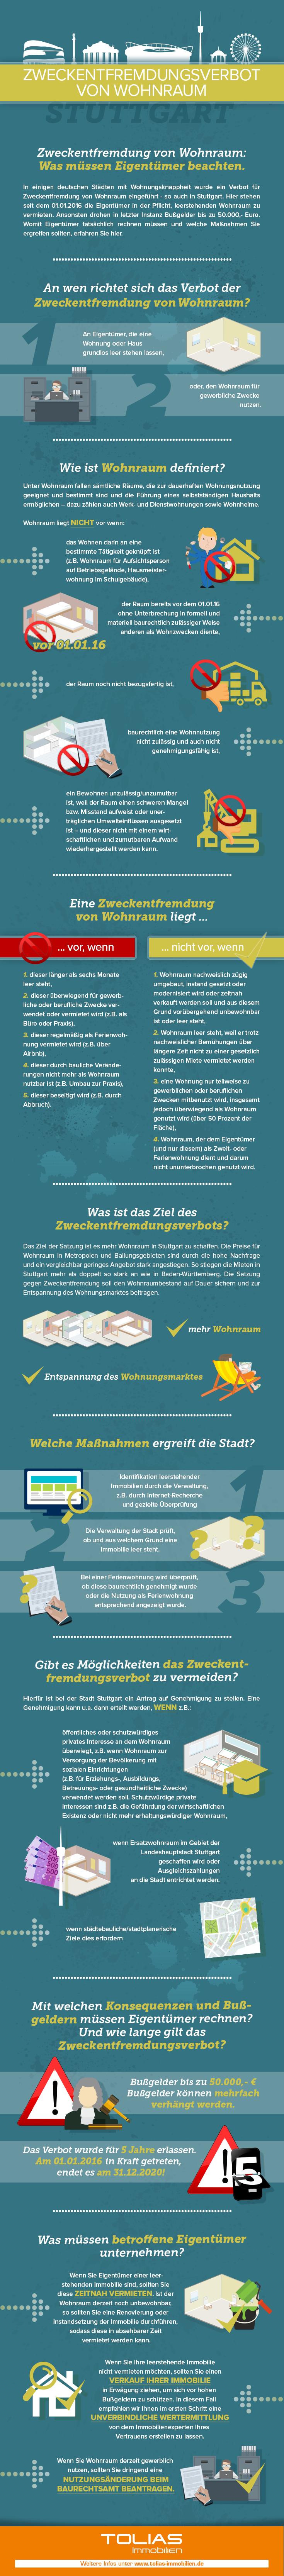 Infografik-Zweckentfremdung-von-Wohnraum